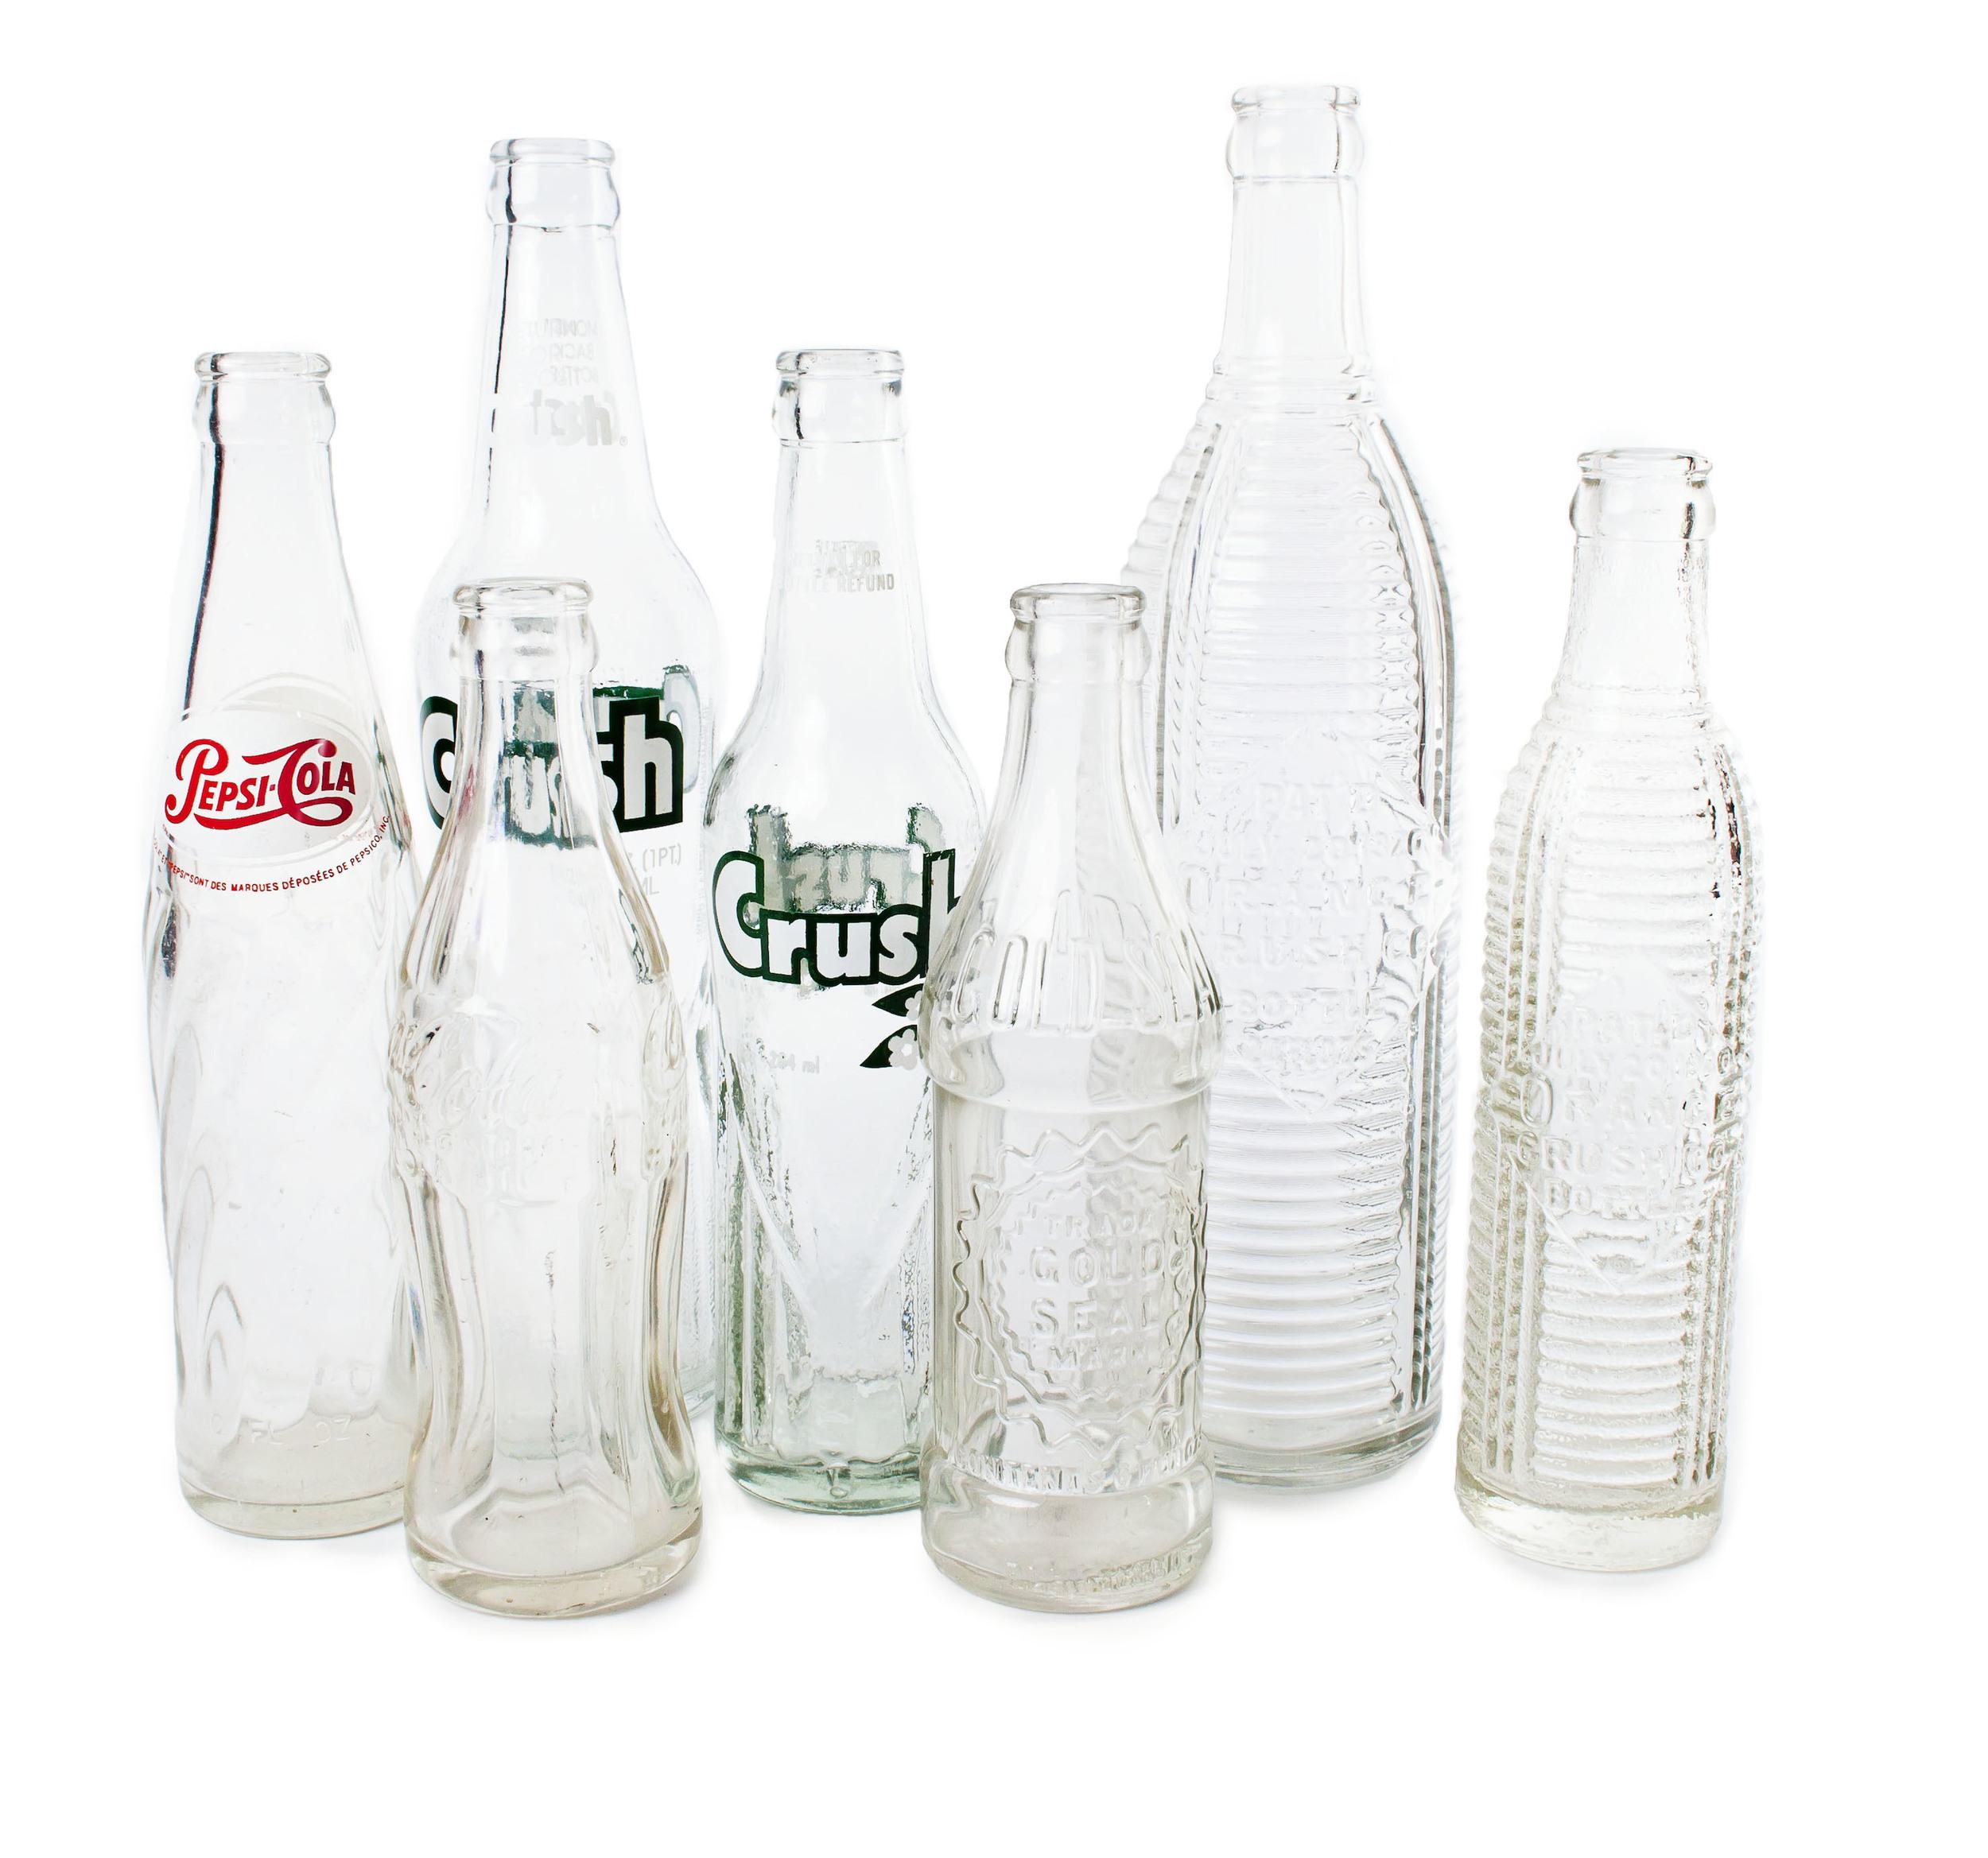 Assorted pop bottles